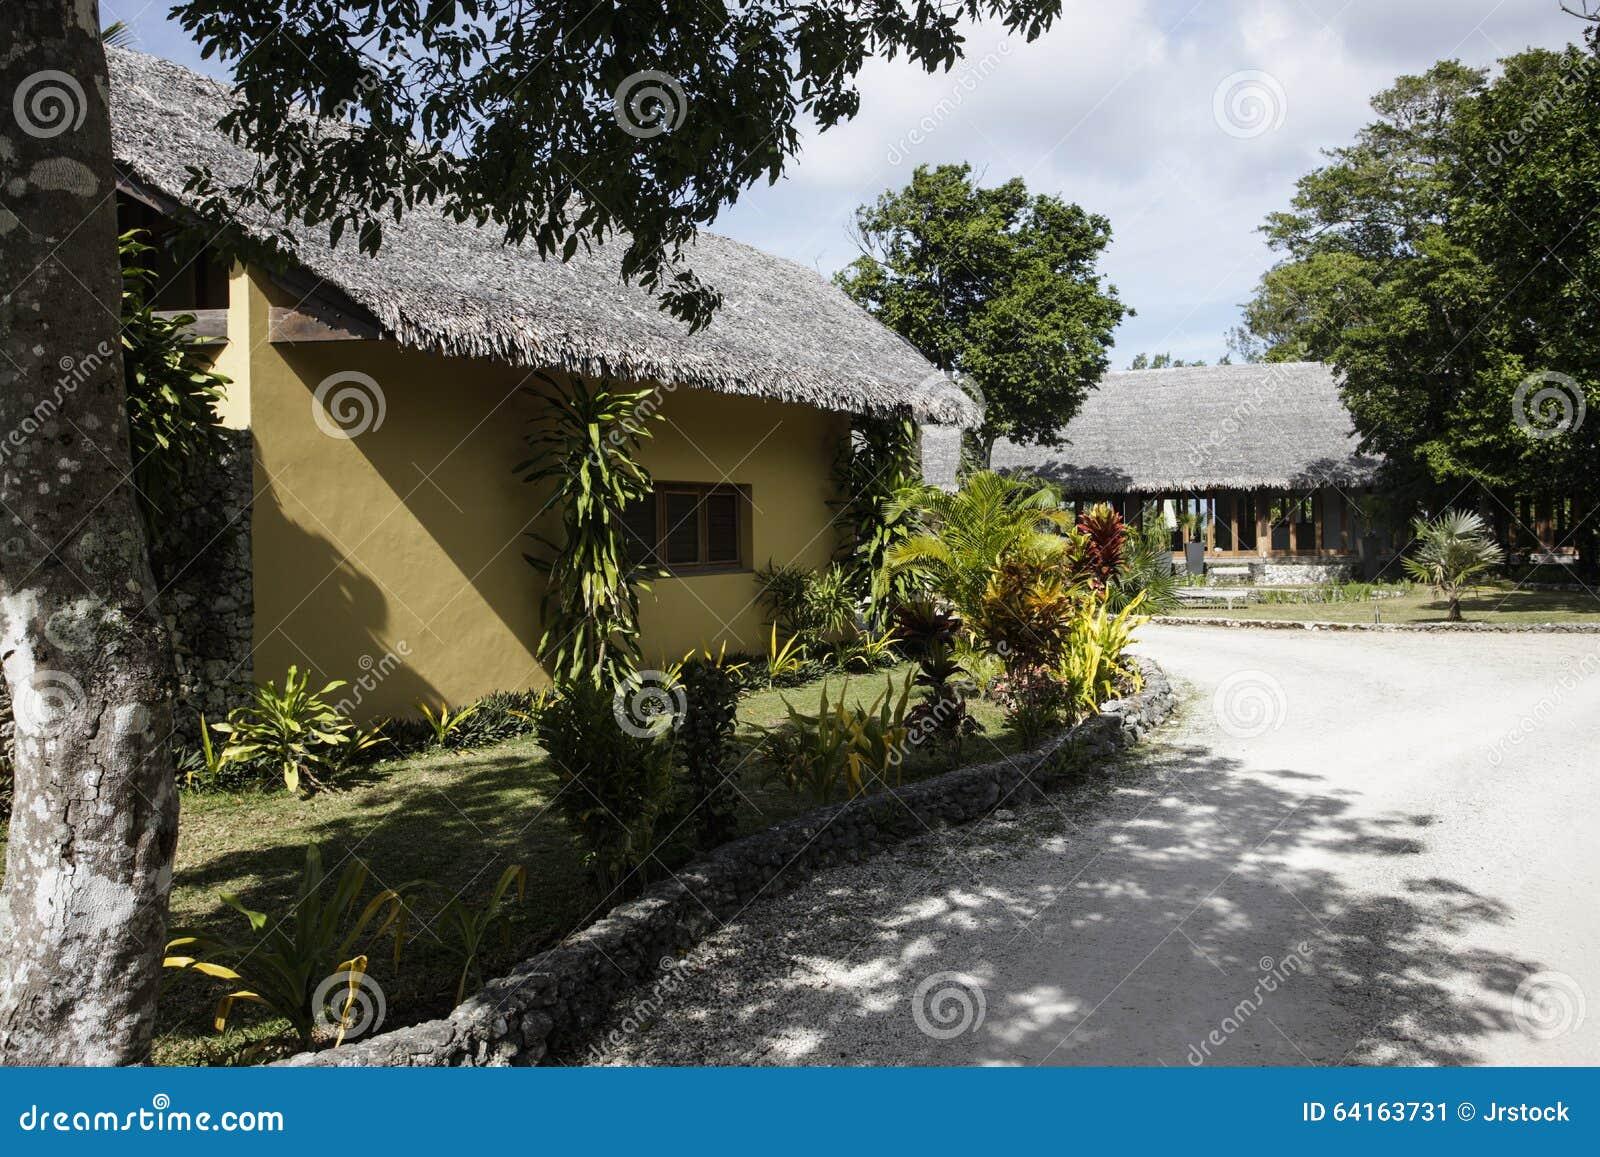 piccolo giardino davanti ad una casa fotografia stock - immagine ... - Piccolo Giardino In Casa